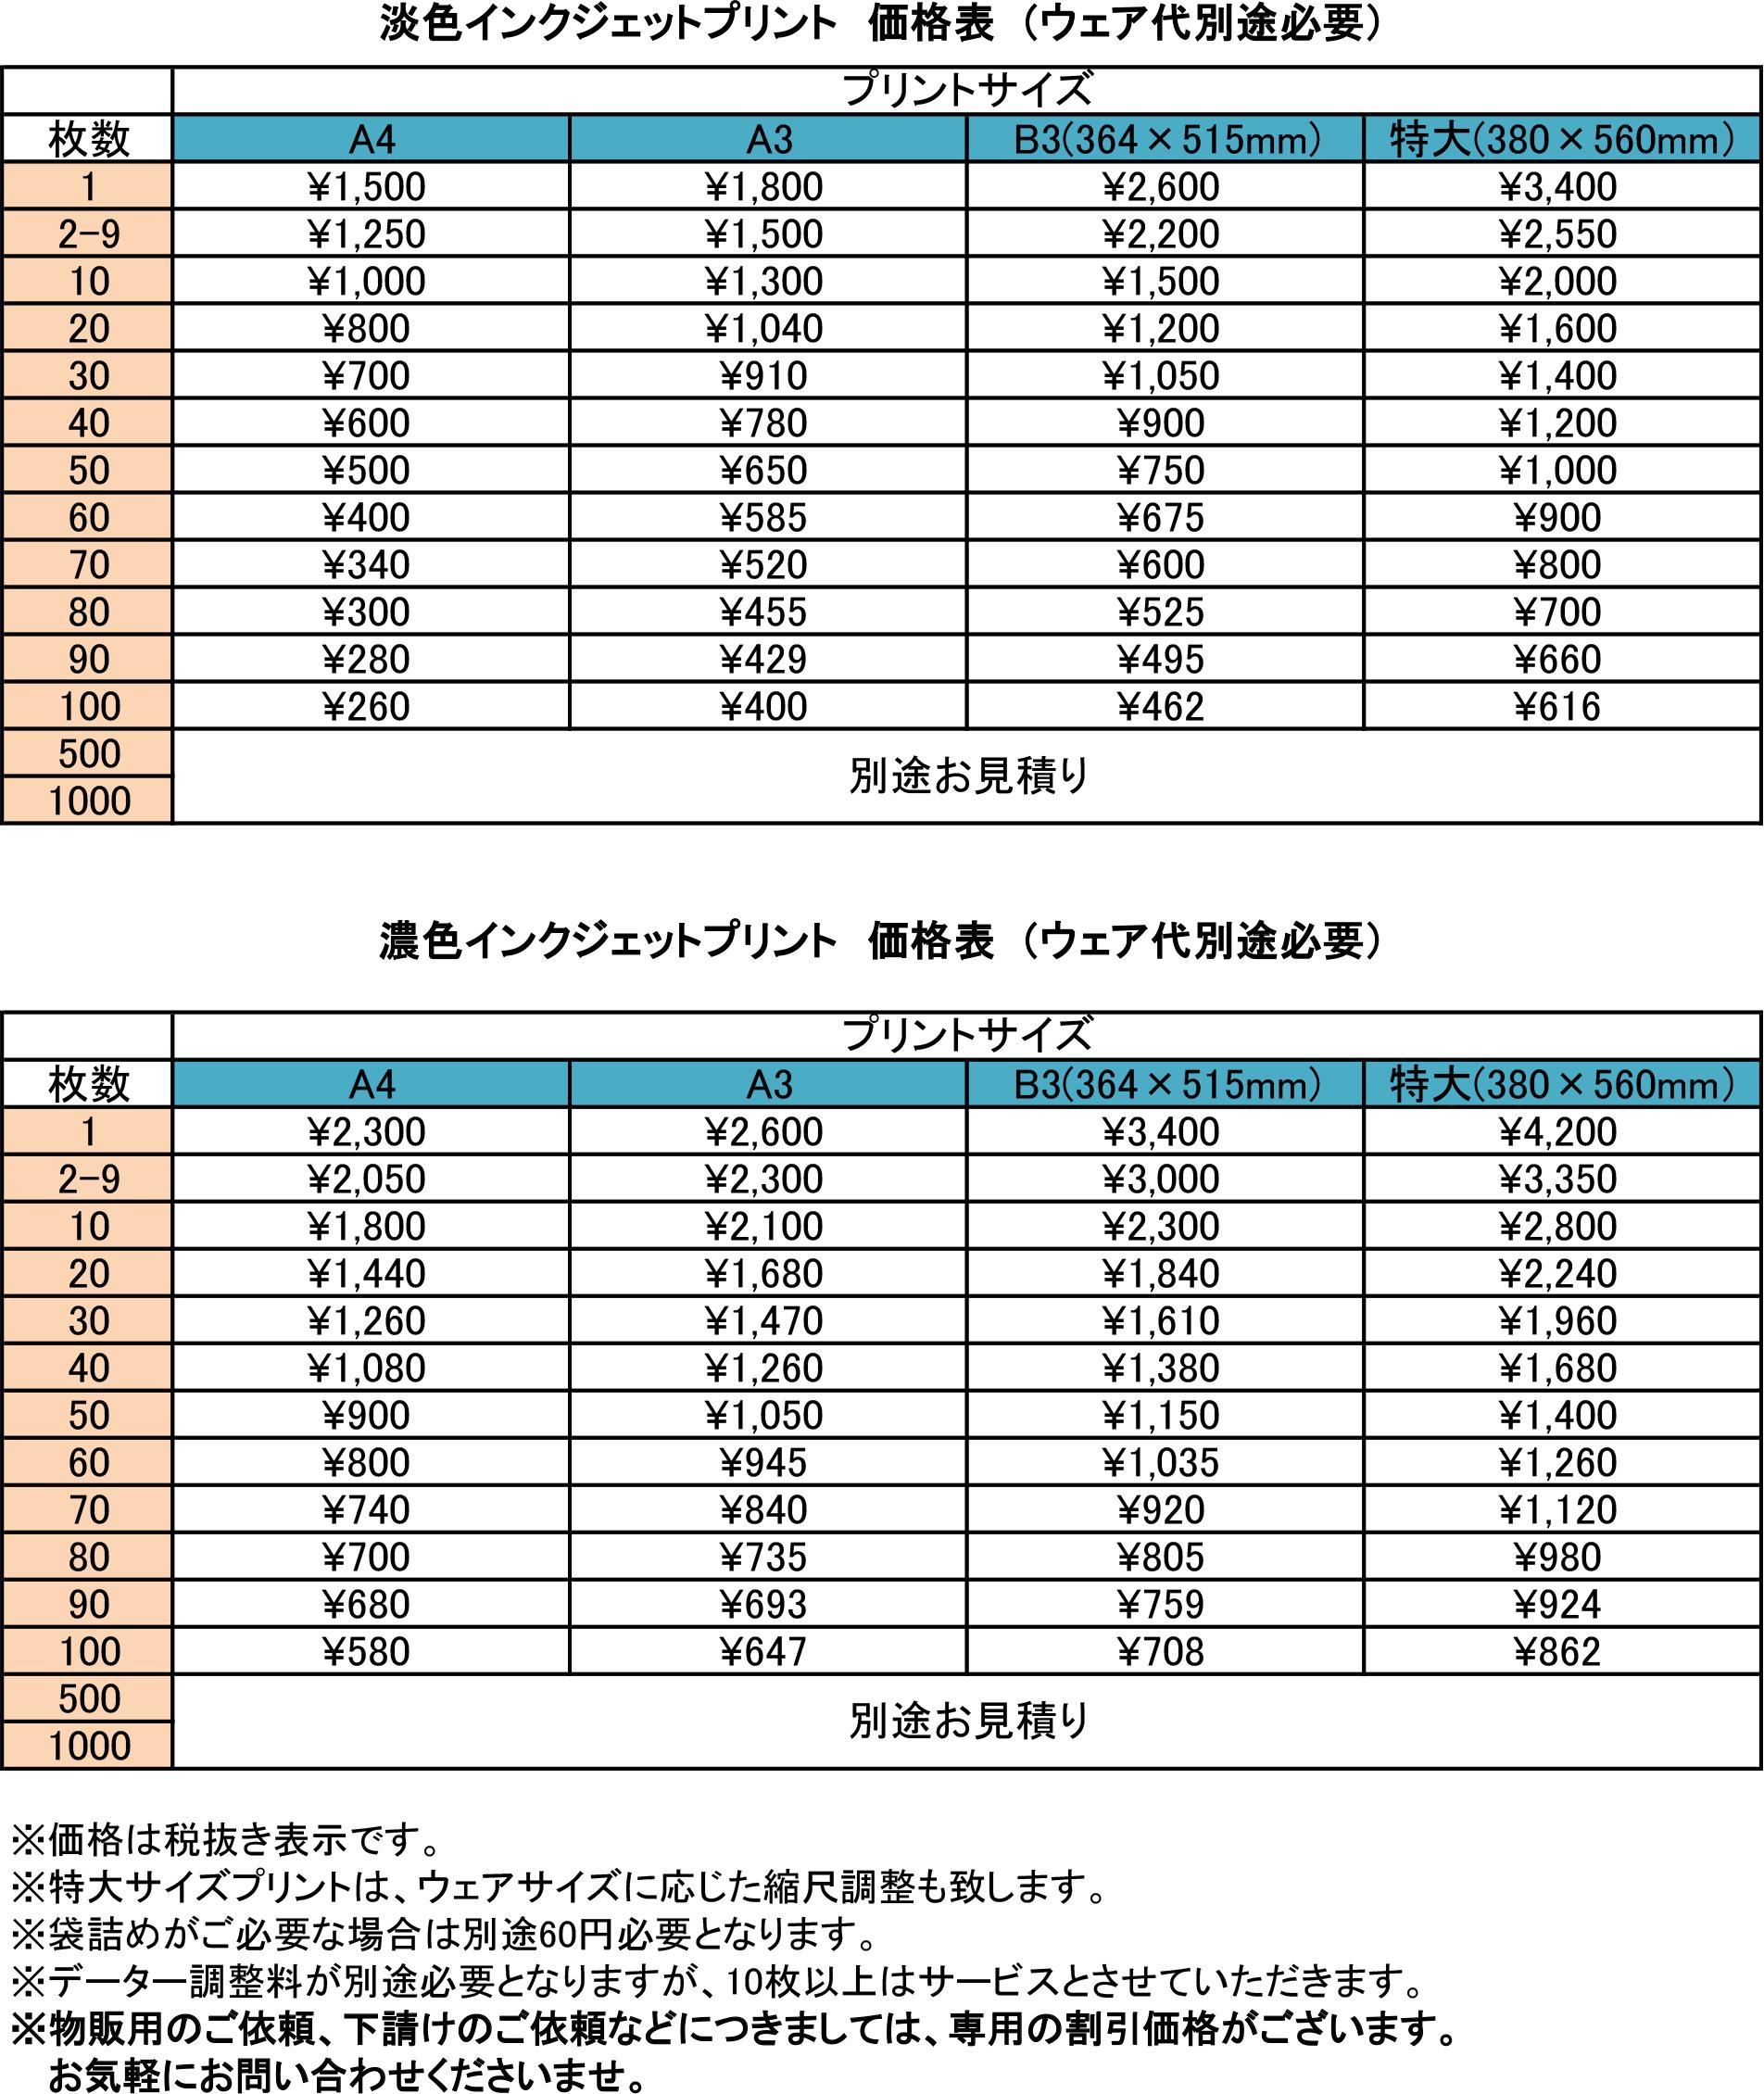 インクジェット2021価格